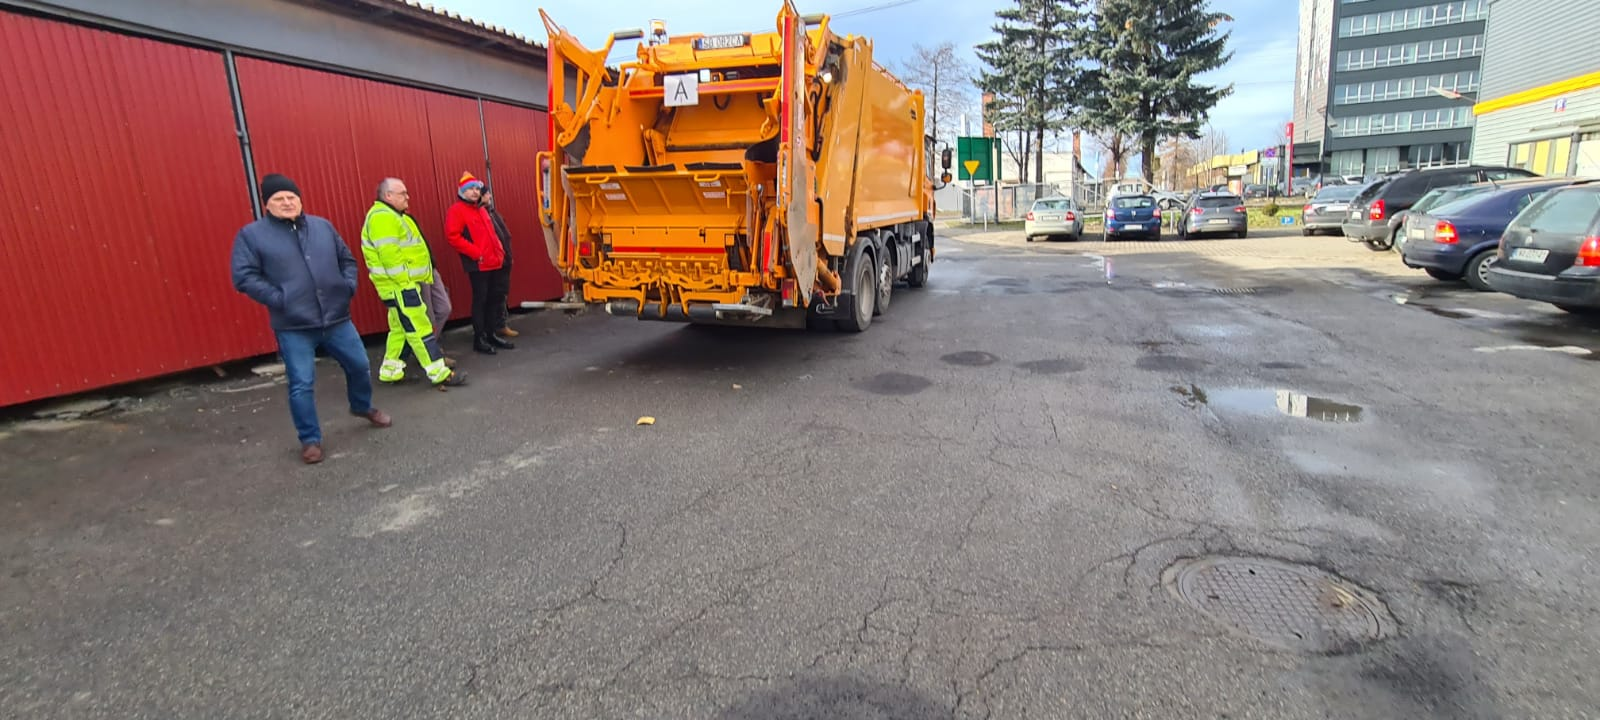 Nowa śmieciarka na andrychowskich ulicach [FOTO]